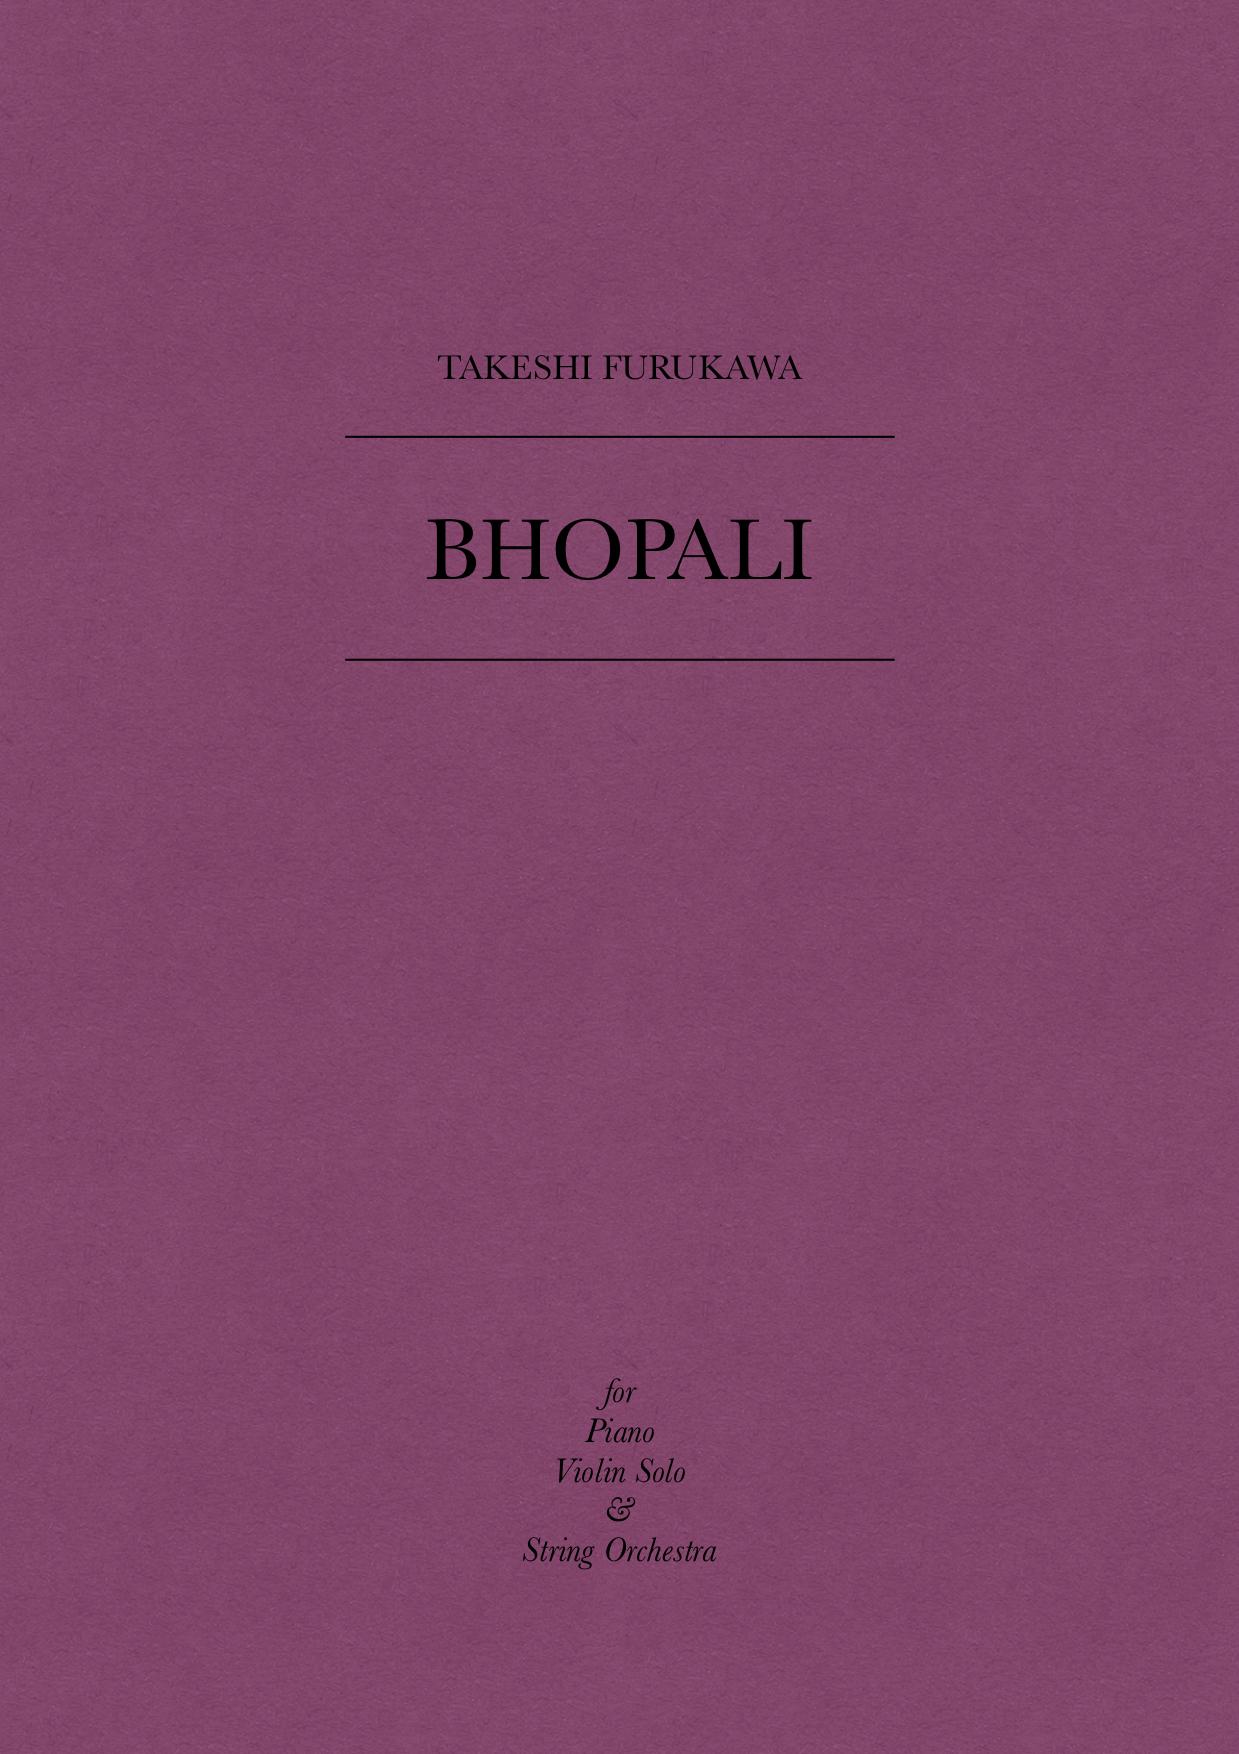 Bhopali Cover.jpg